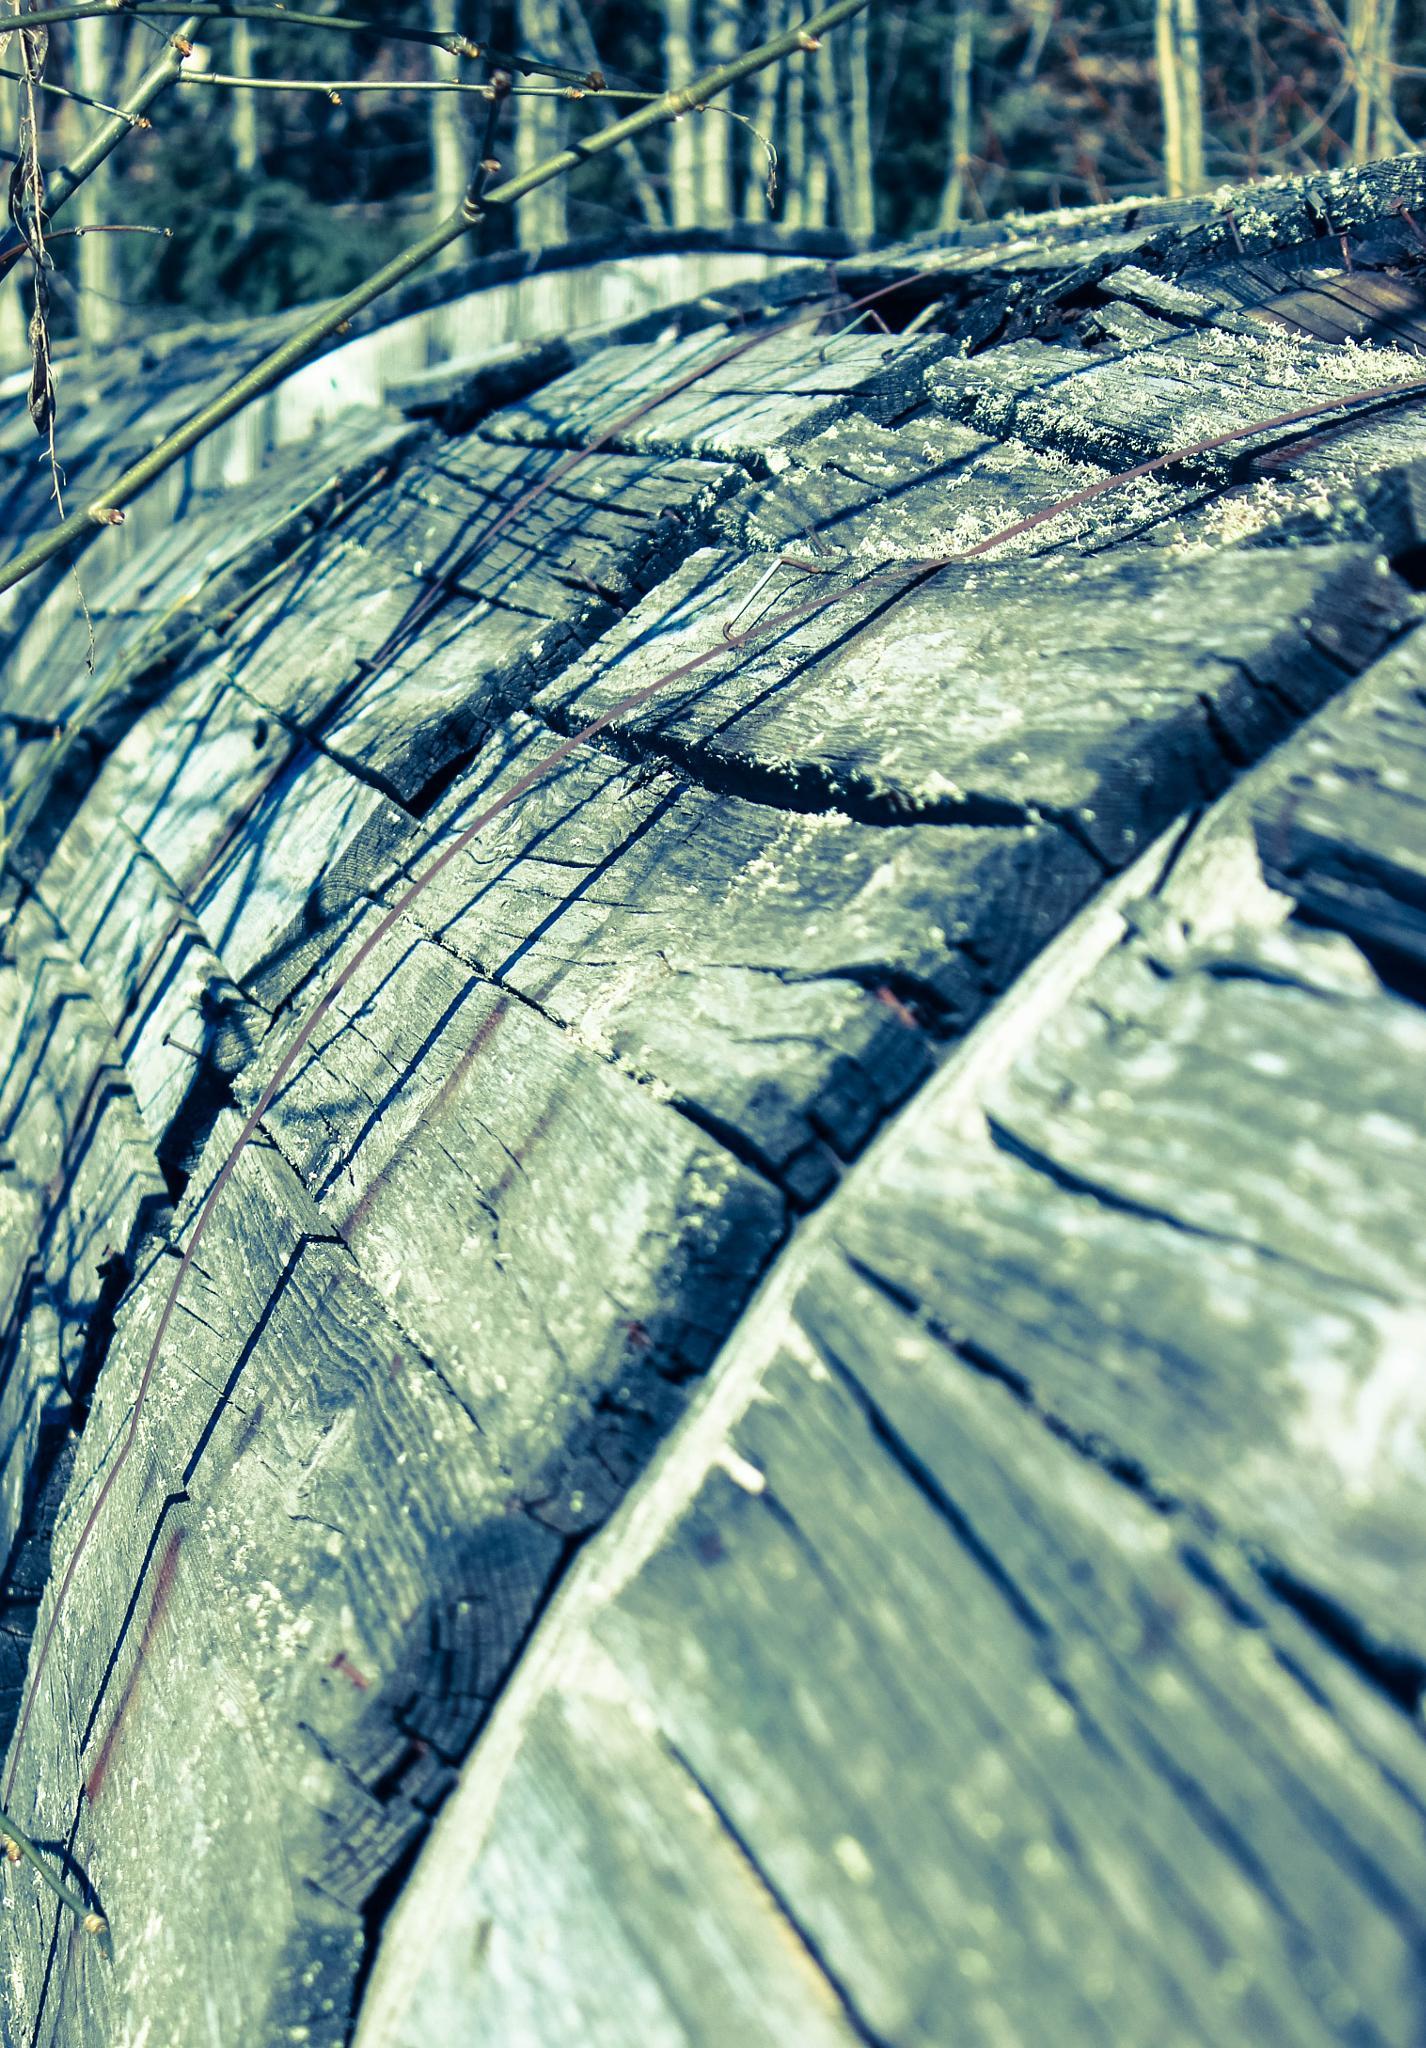 Tree in wood by pernillamia